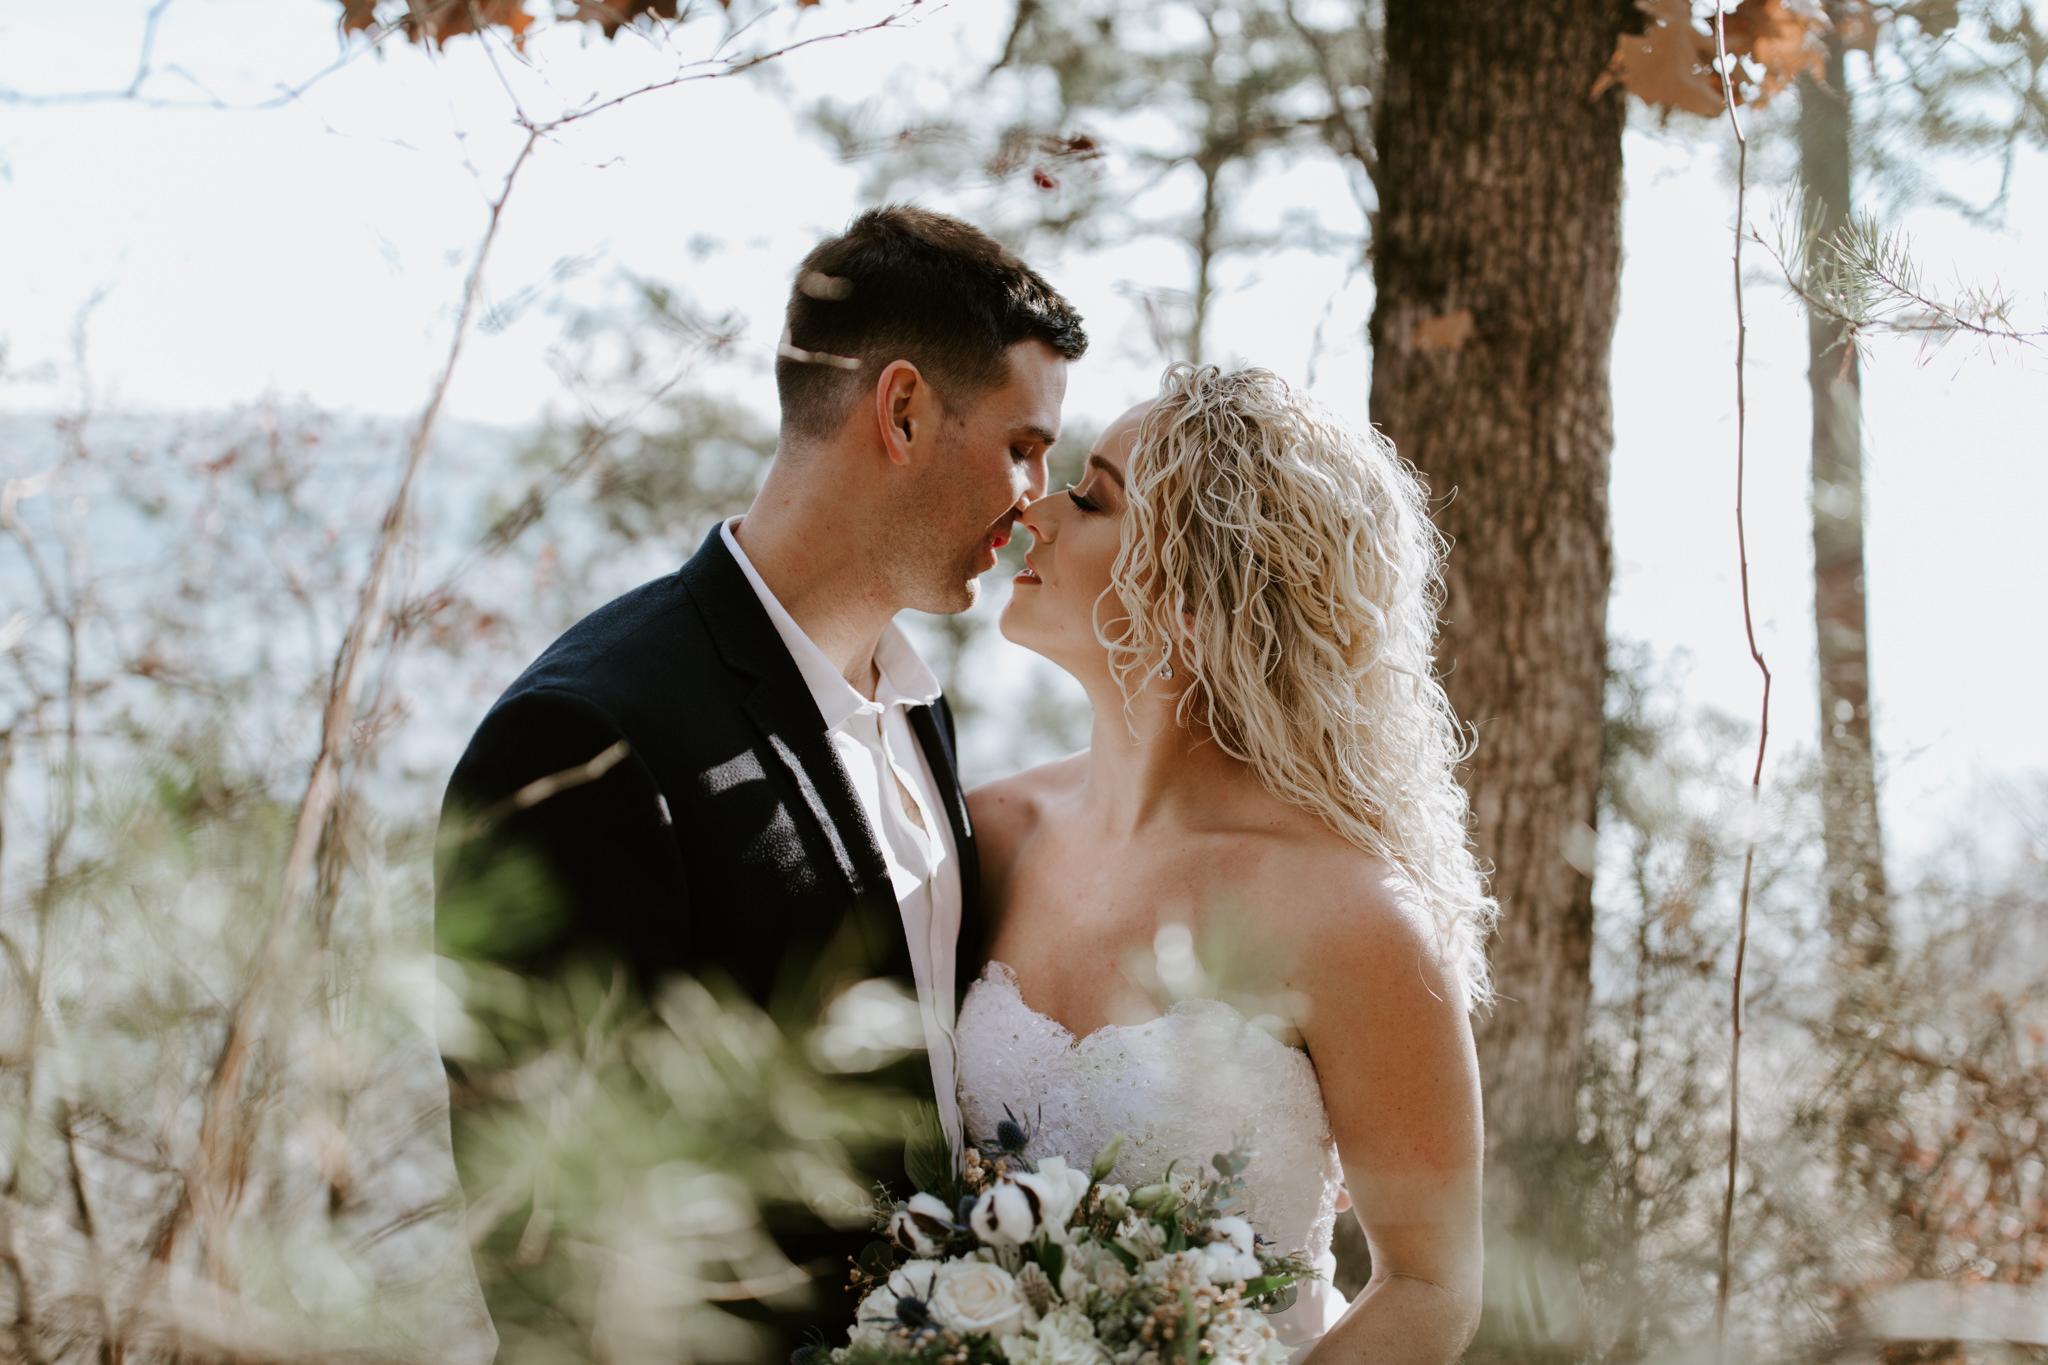 Lauren-and-Trent-Chattanooga-Nashville-Wedding-Elopement-Photographer-7.jpg